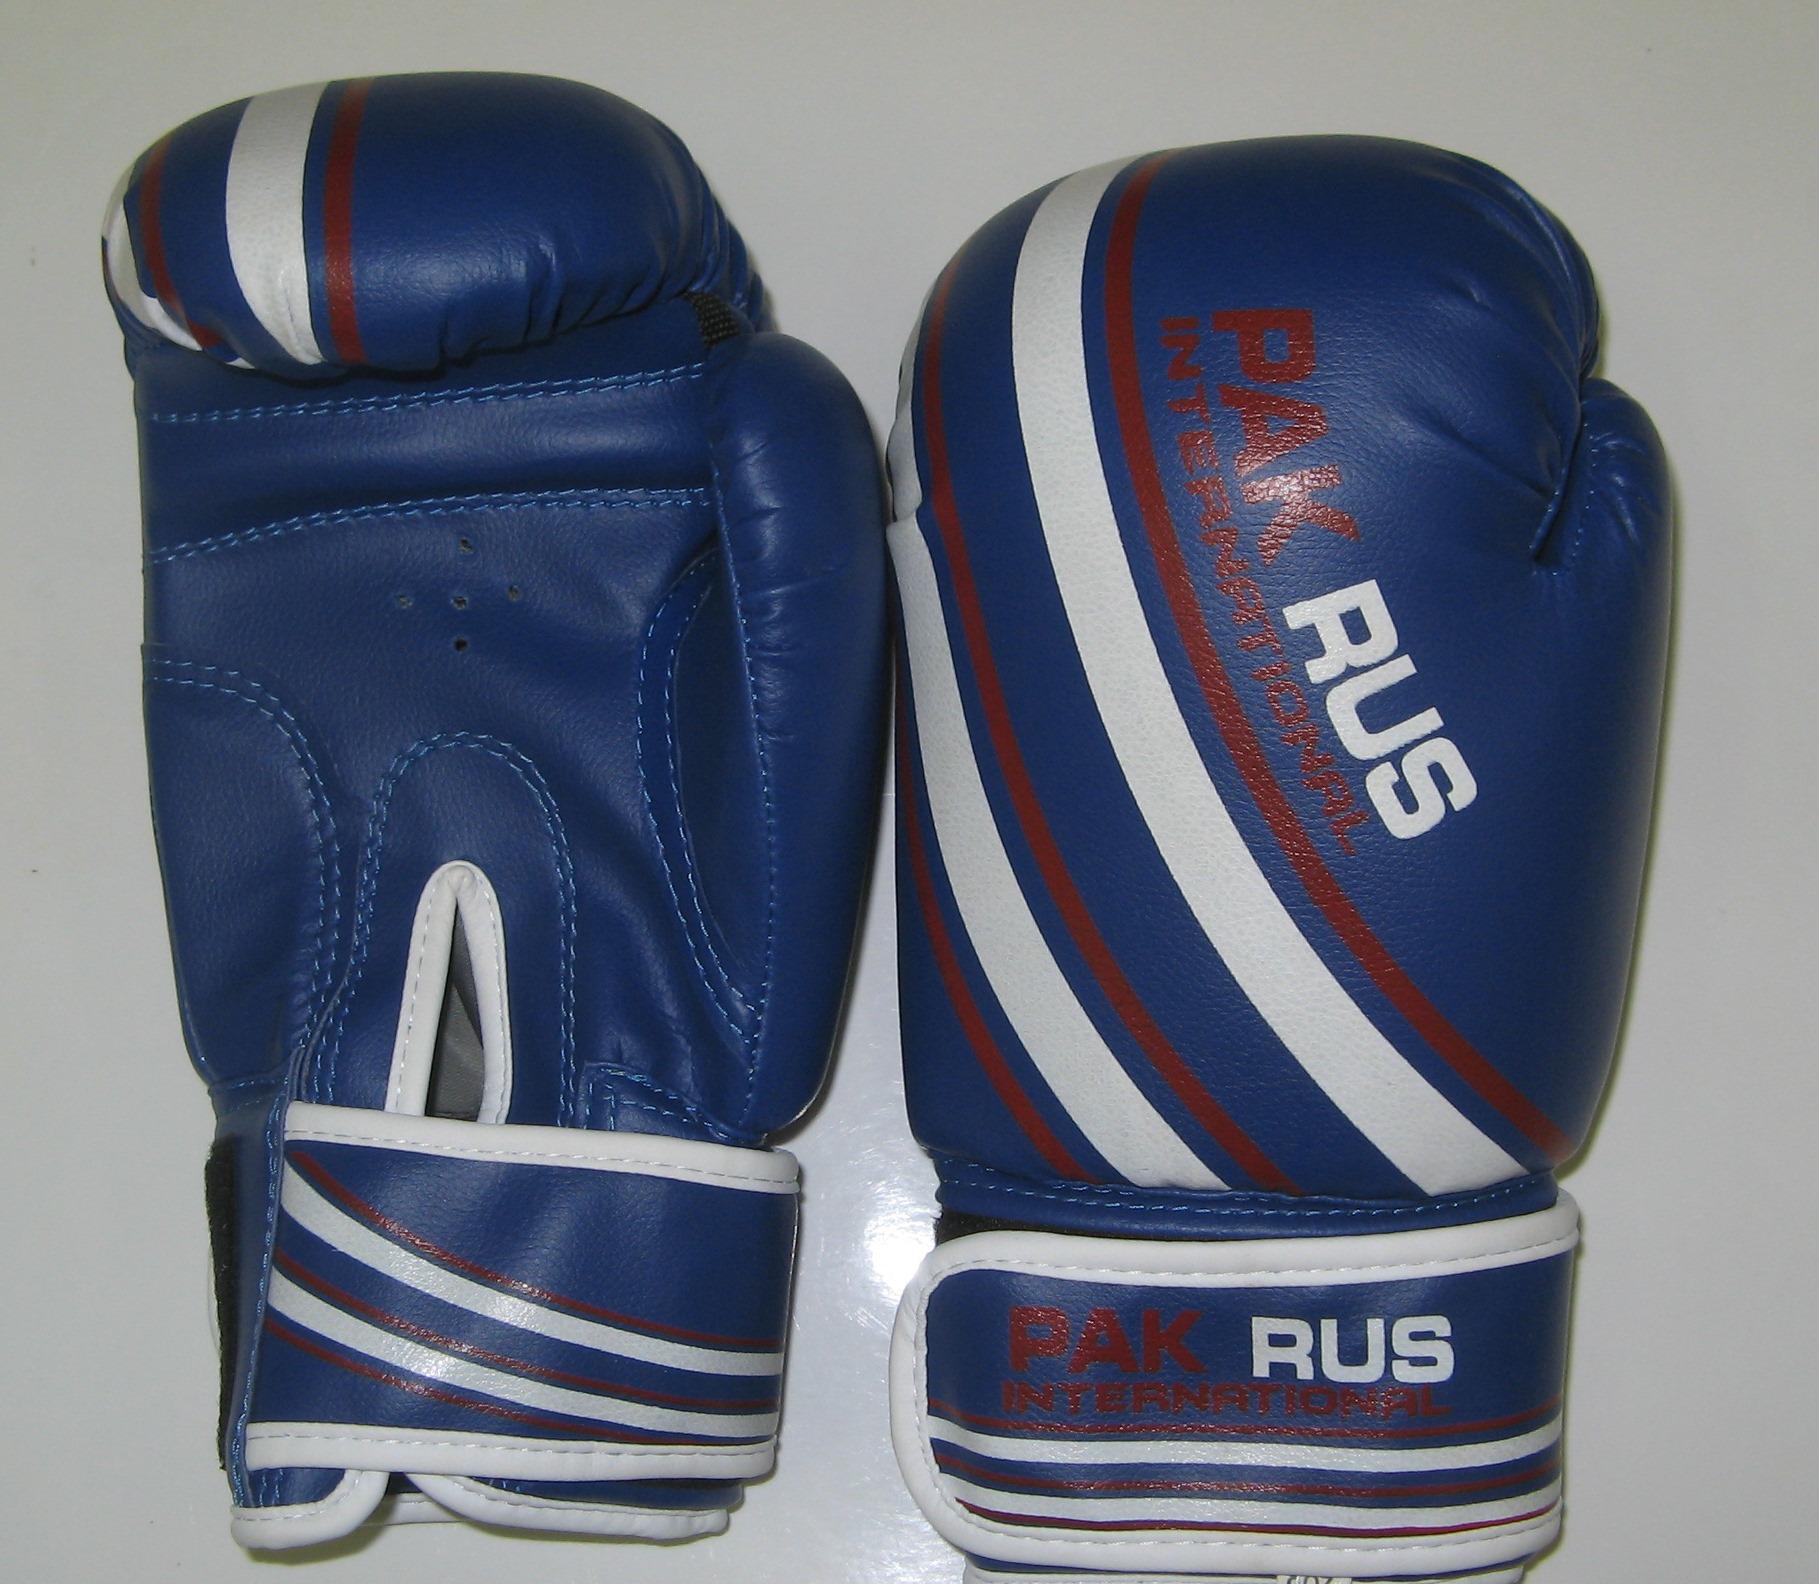 Перчатки боксерские Pak Rus, искусственная кожа, 6 OZ, PR-11-014 - артикул: 800940392